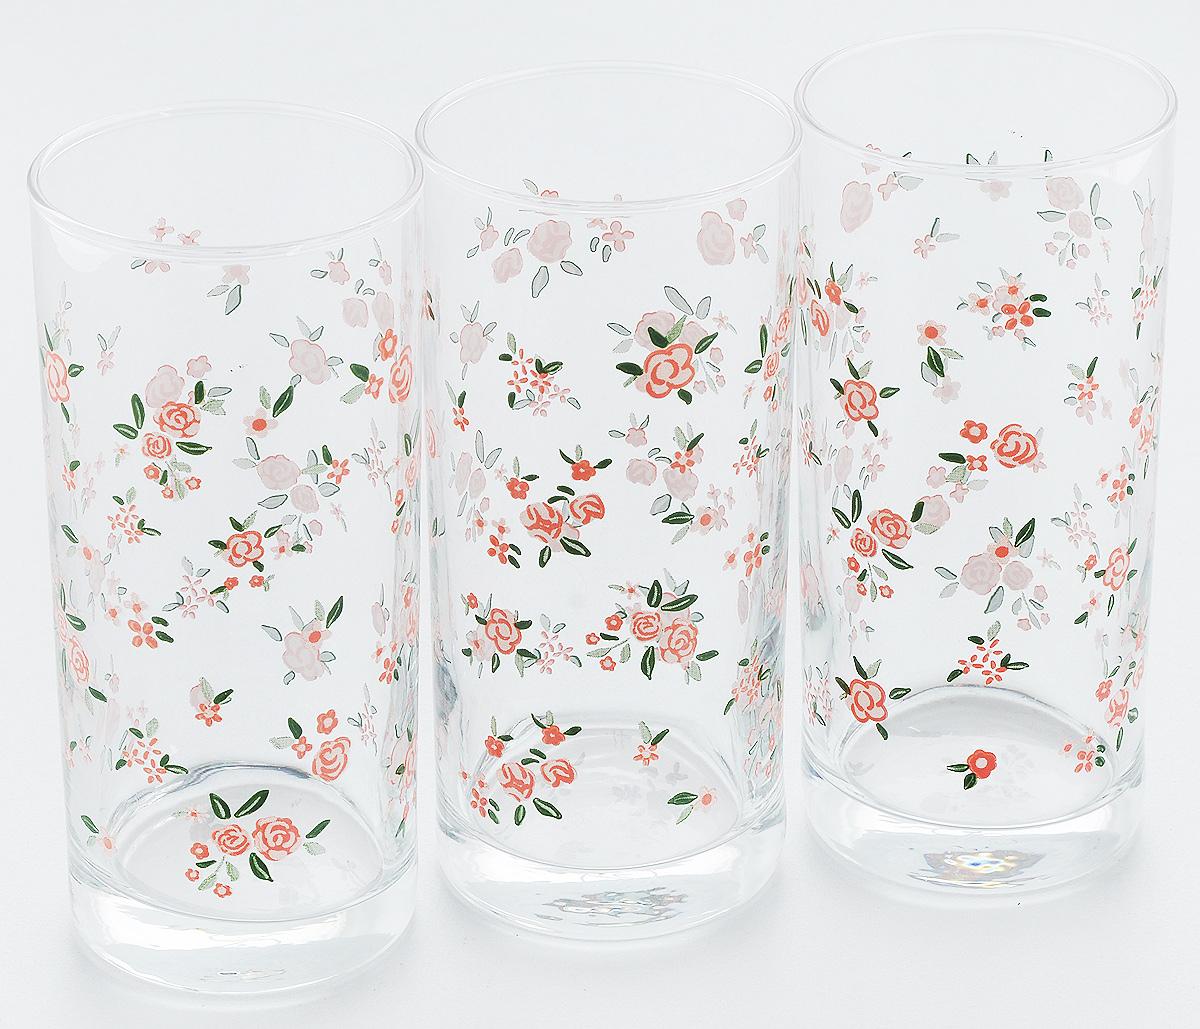 Набор стаканов Pasabahce Provence, 290 мл, 3 шт42402B/SНабор Pasabahce Provence состоит из трех бокалов, выполненных из закаленного натрий-кальций-силикатного стекла. Изделия украшены ярким рисунком и прекрасно подойдут для подачи холодных напитков. Их оценят как любители классики, так и те, кто предпочитает современный дизайн.Набор идеально подойдет для сервировки стола и станет отличным подарком к любому празднику. Высота стакана: 13,5 см.